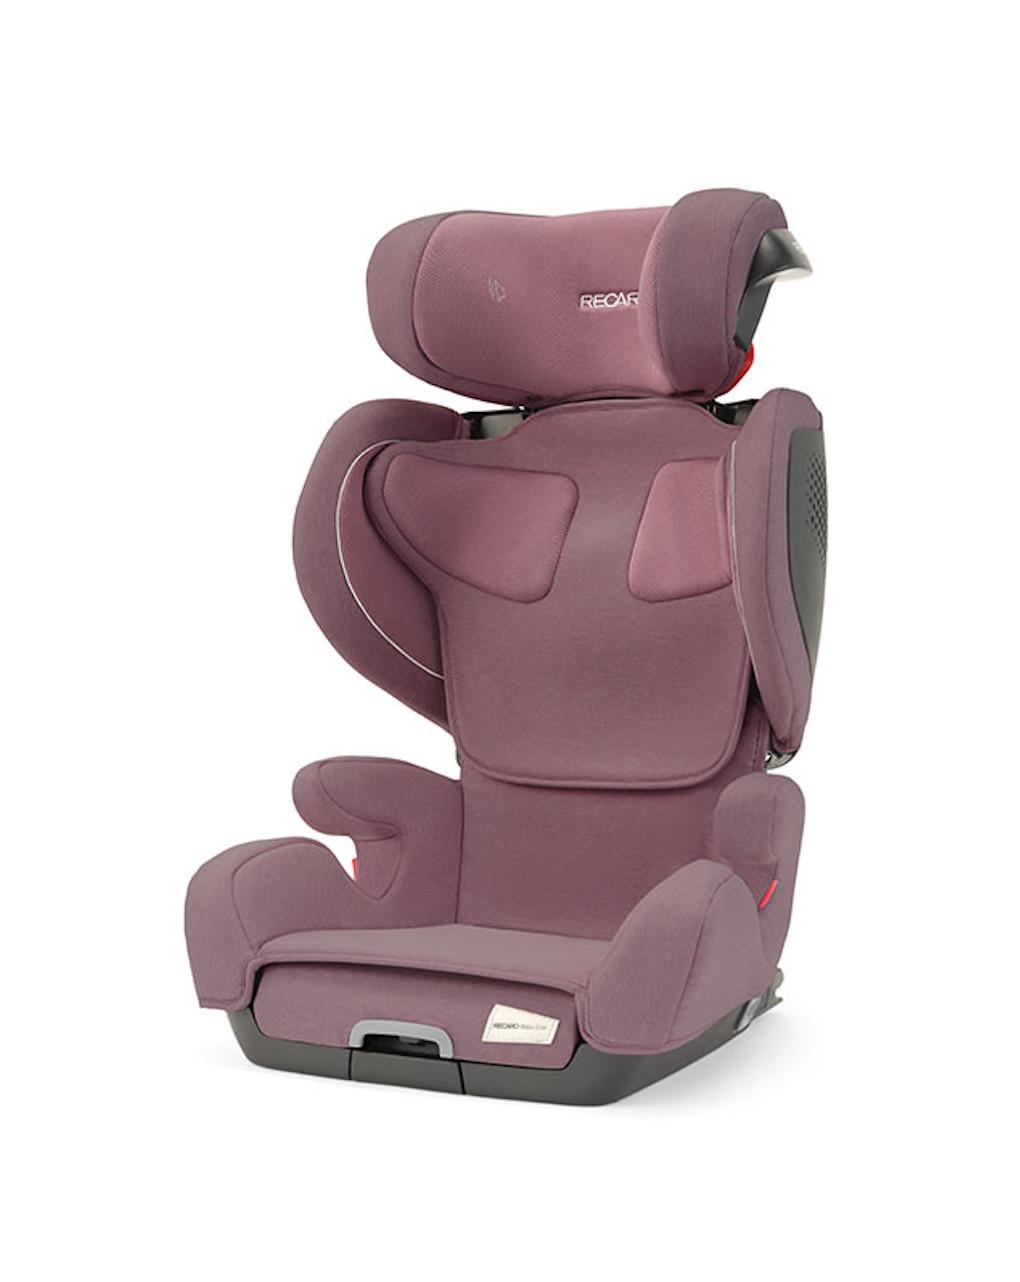 Cadeirinha auto recaro mako elite - primeiro rosa pálido - Recaro